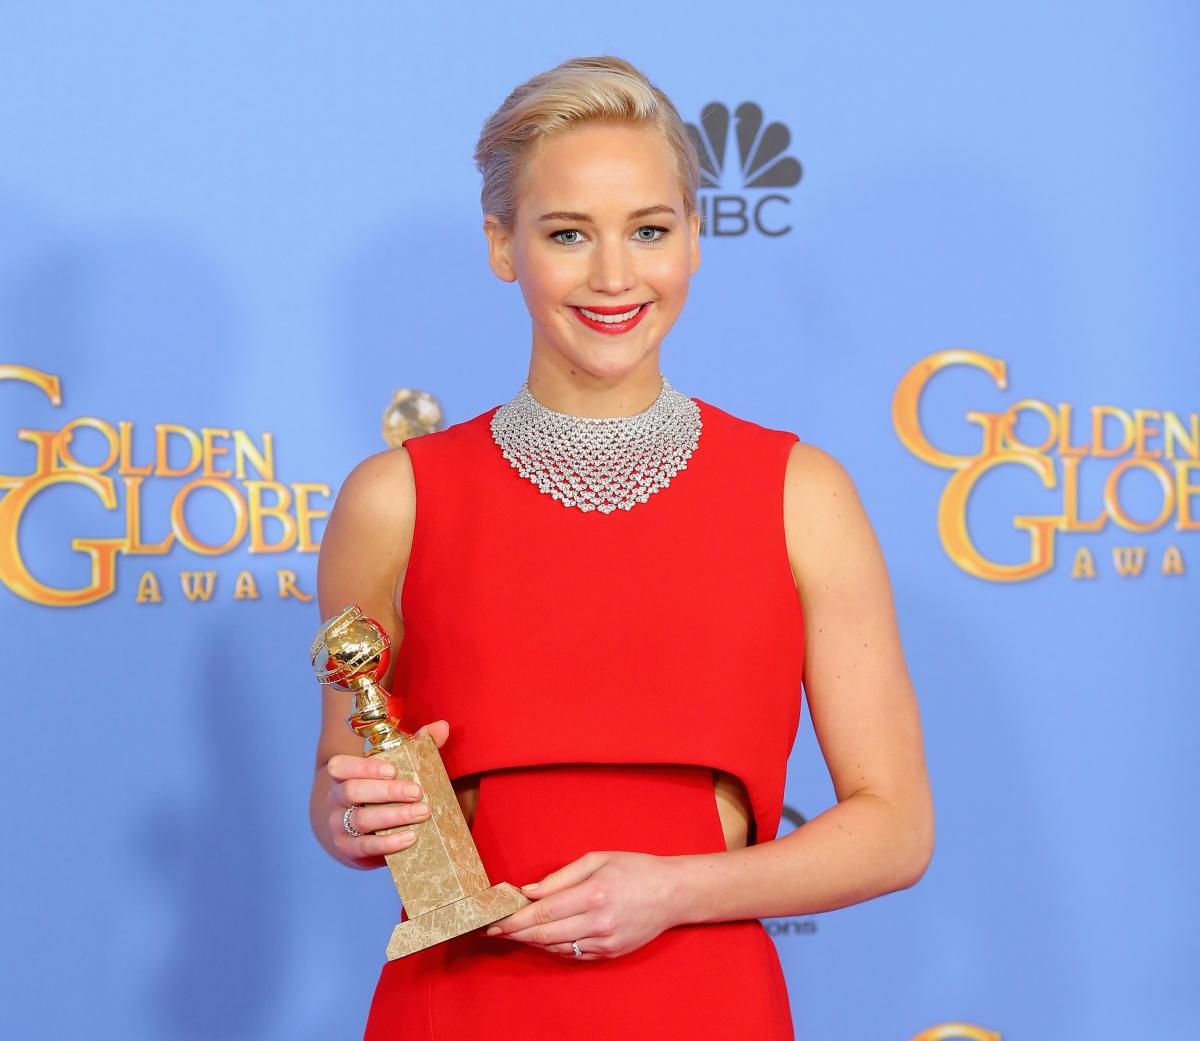 Jennifer Lawrence at the 2016 Golden Globes